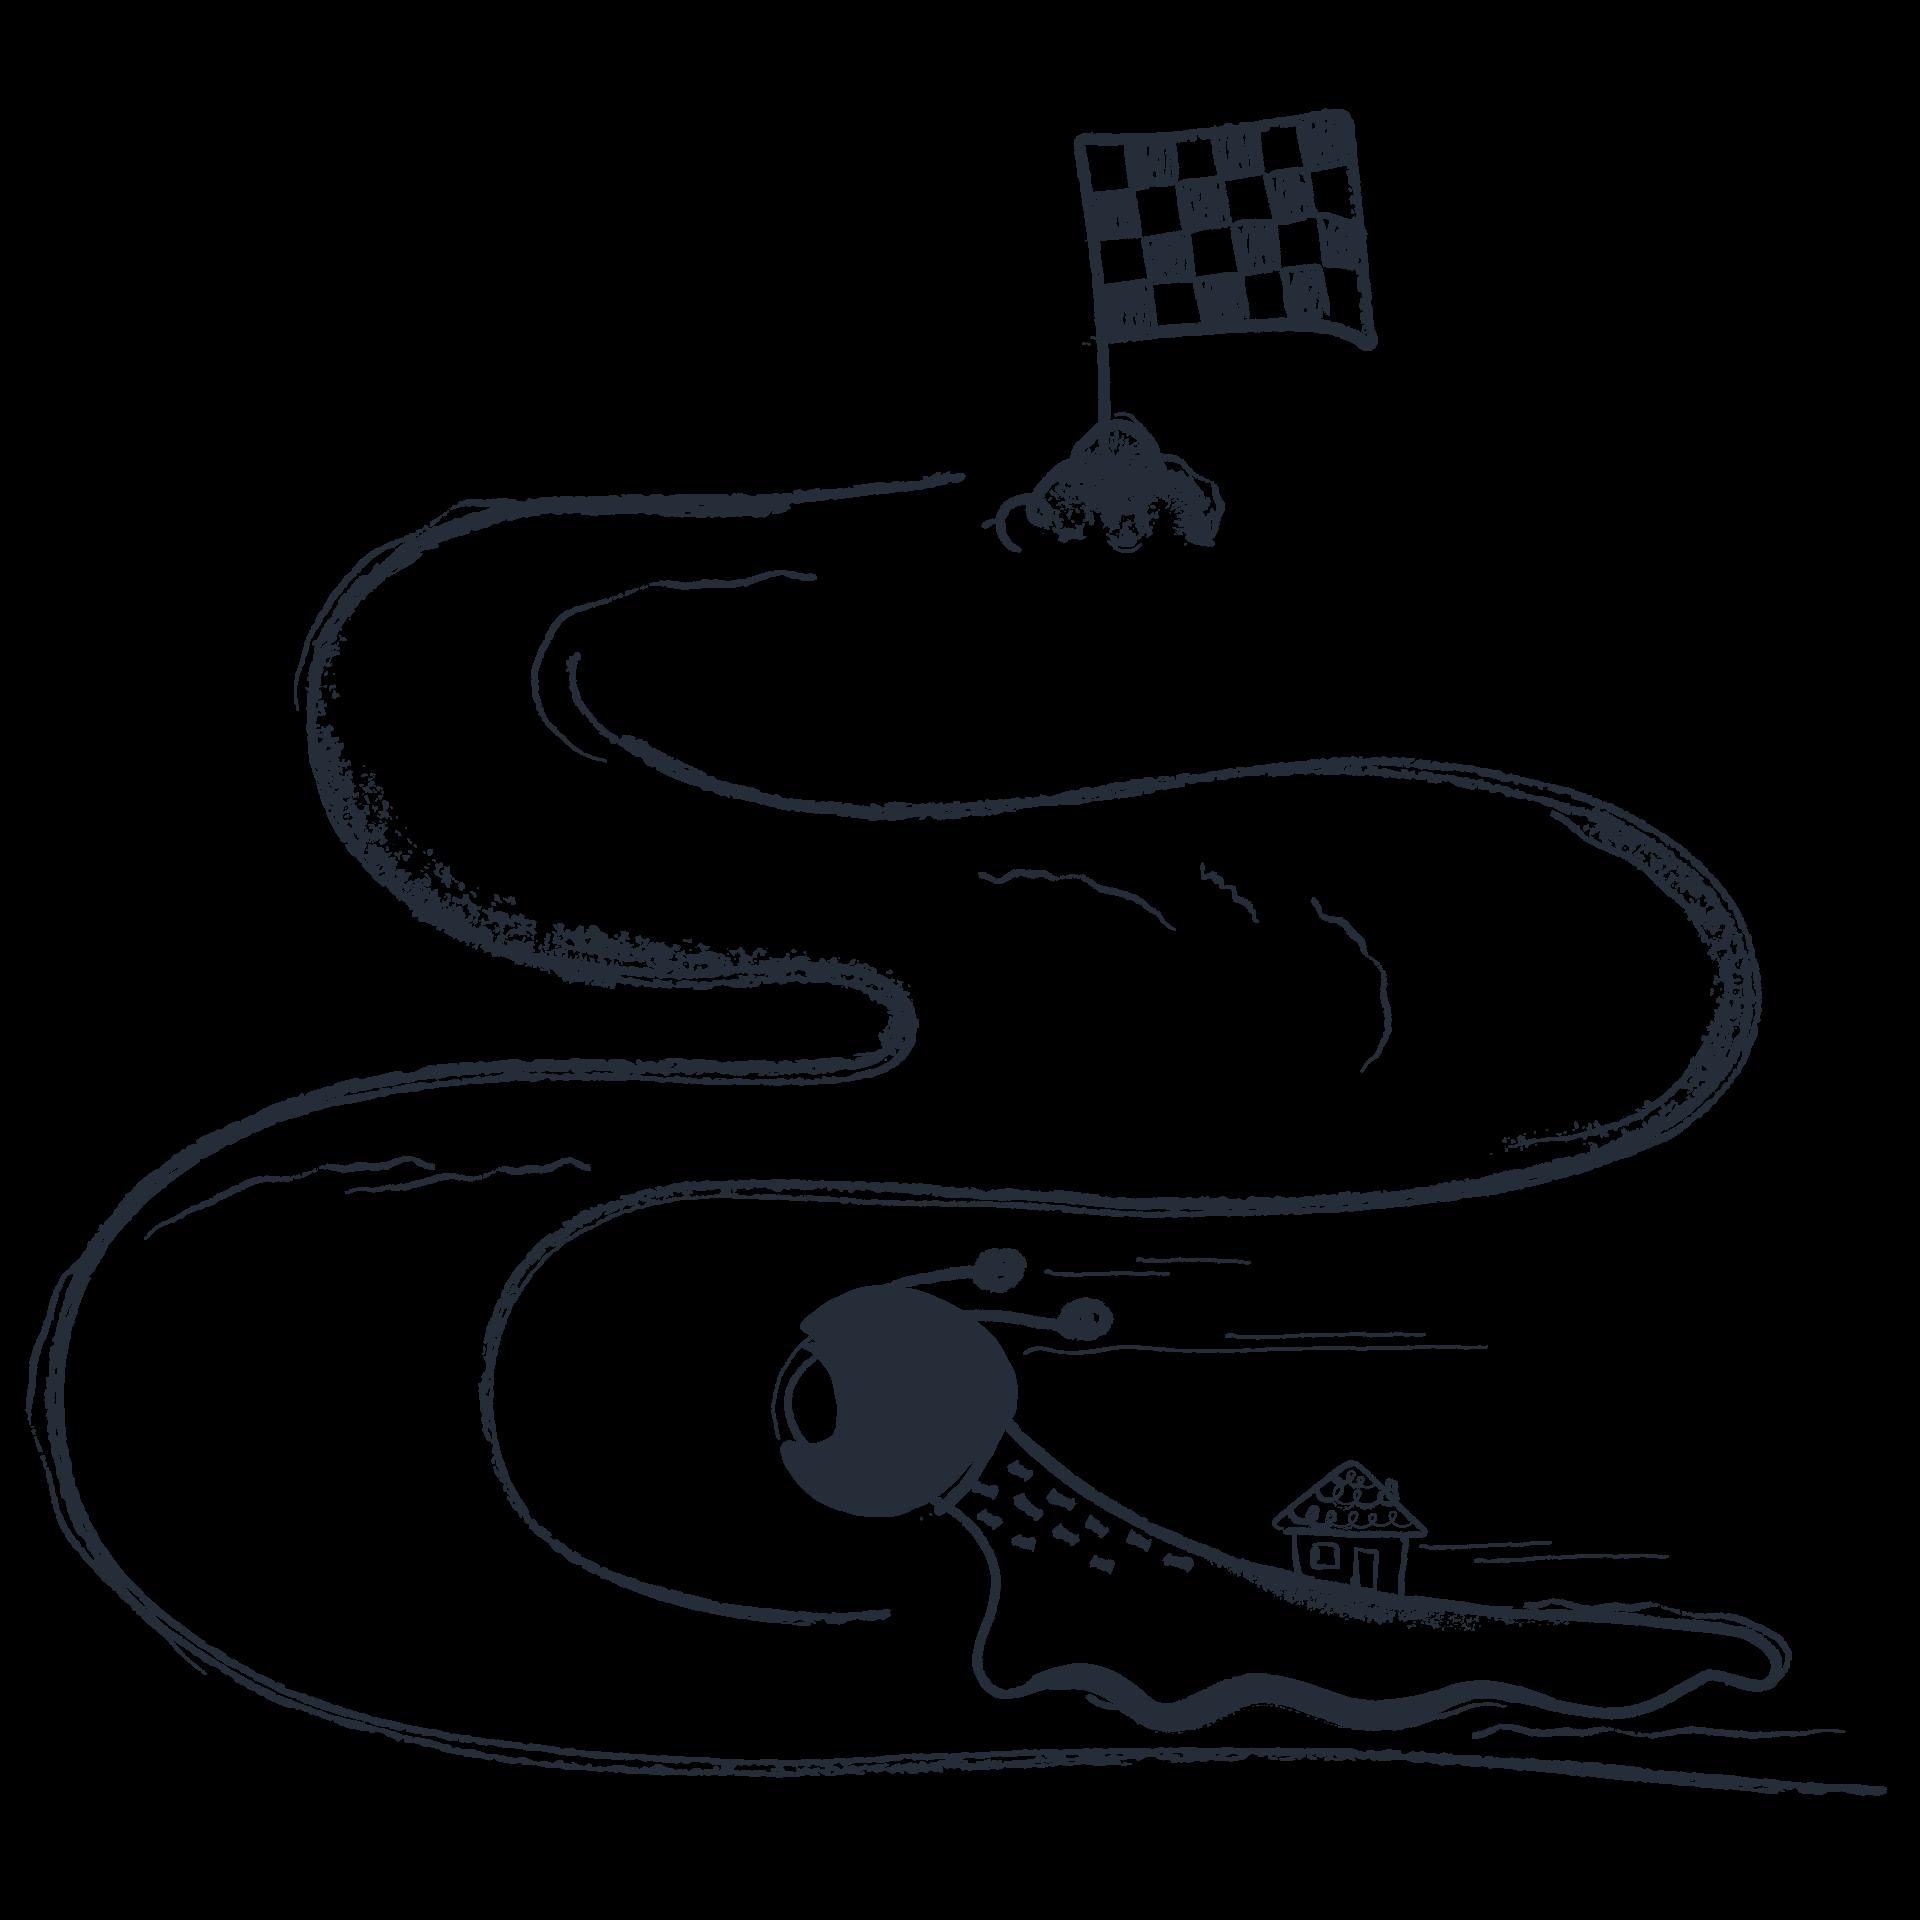 Illustration coaching